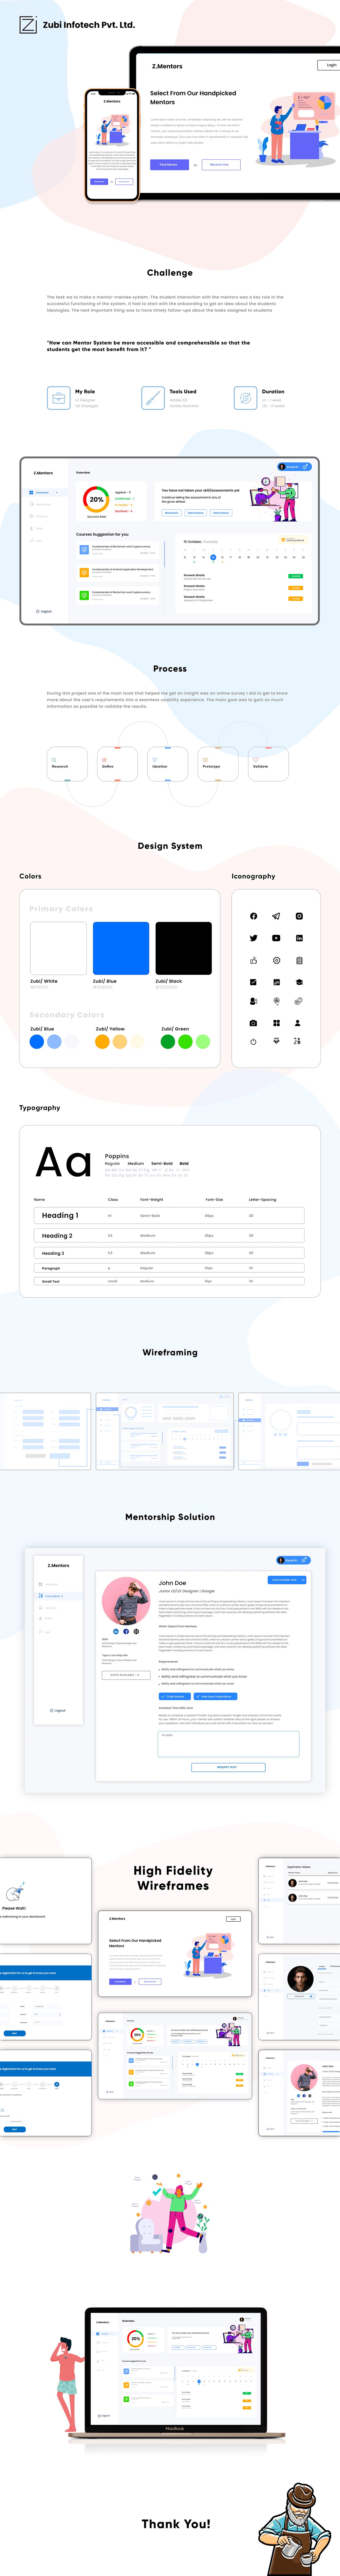 design Mentor Mentorship MENTORSHIP PLATFORM ui design visual design Website Design zubi